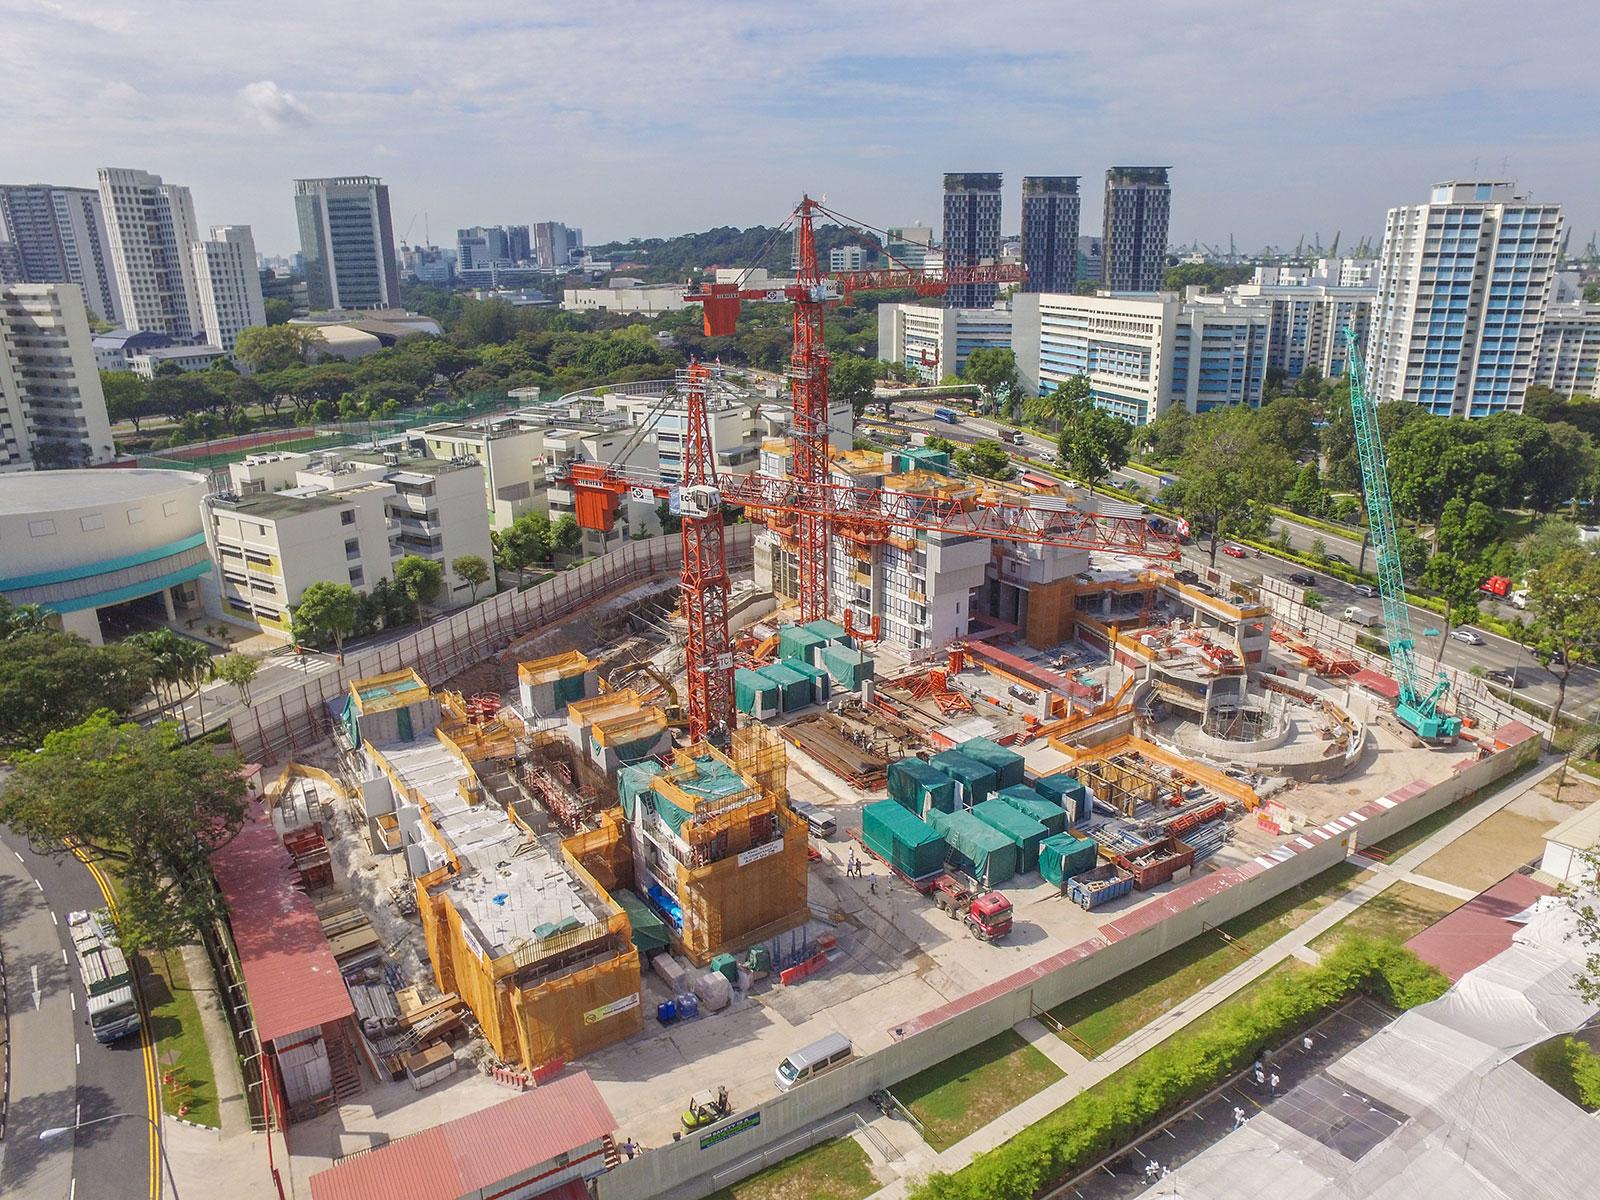 E' uno dei grattacieli più originali di Singapore